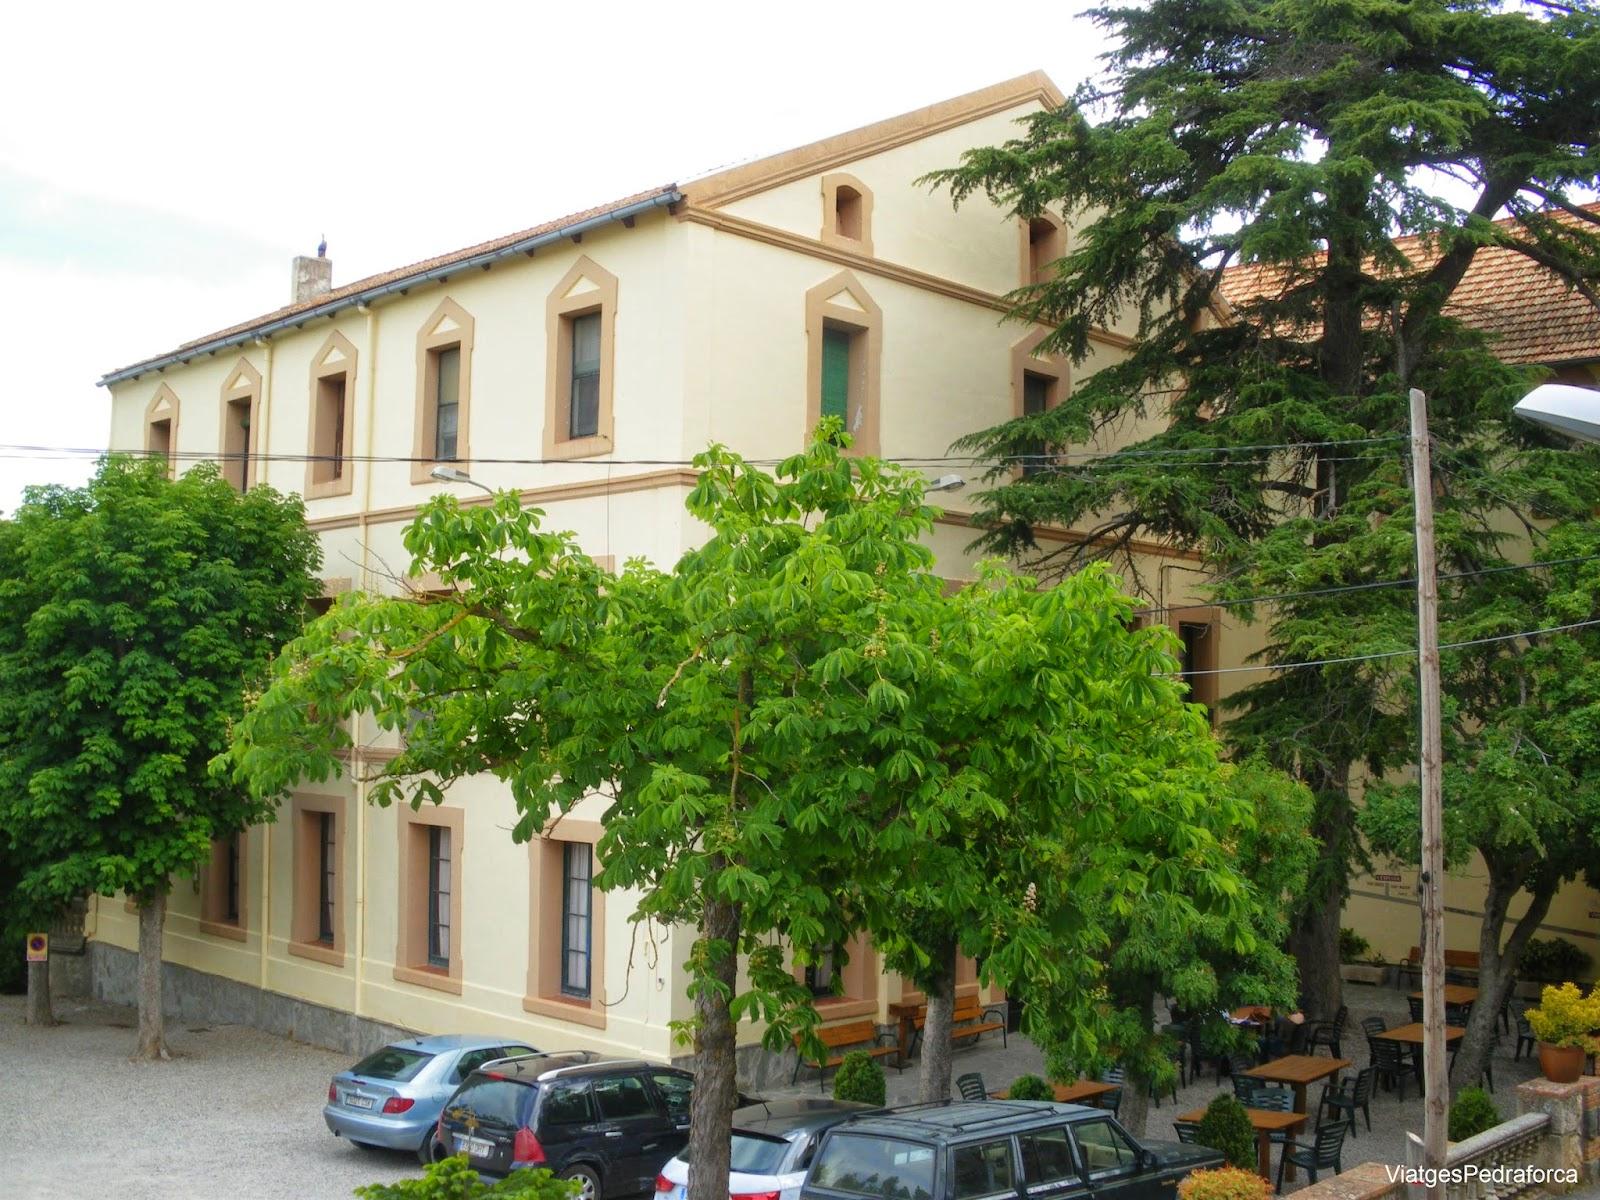 Hotel Villa Engracia Les Masies l'Espluga de Francolí